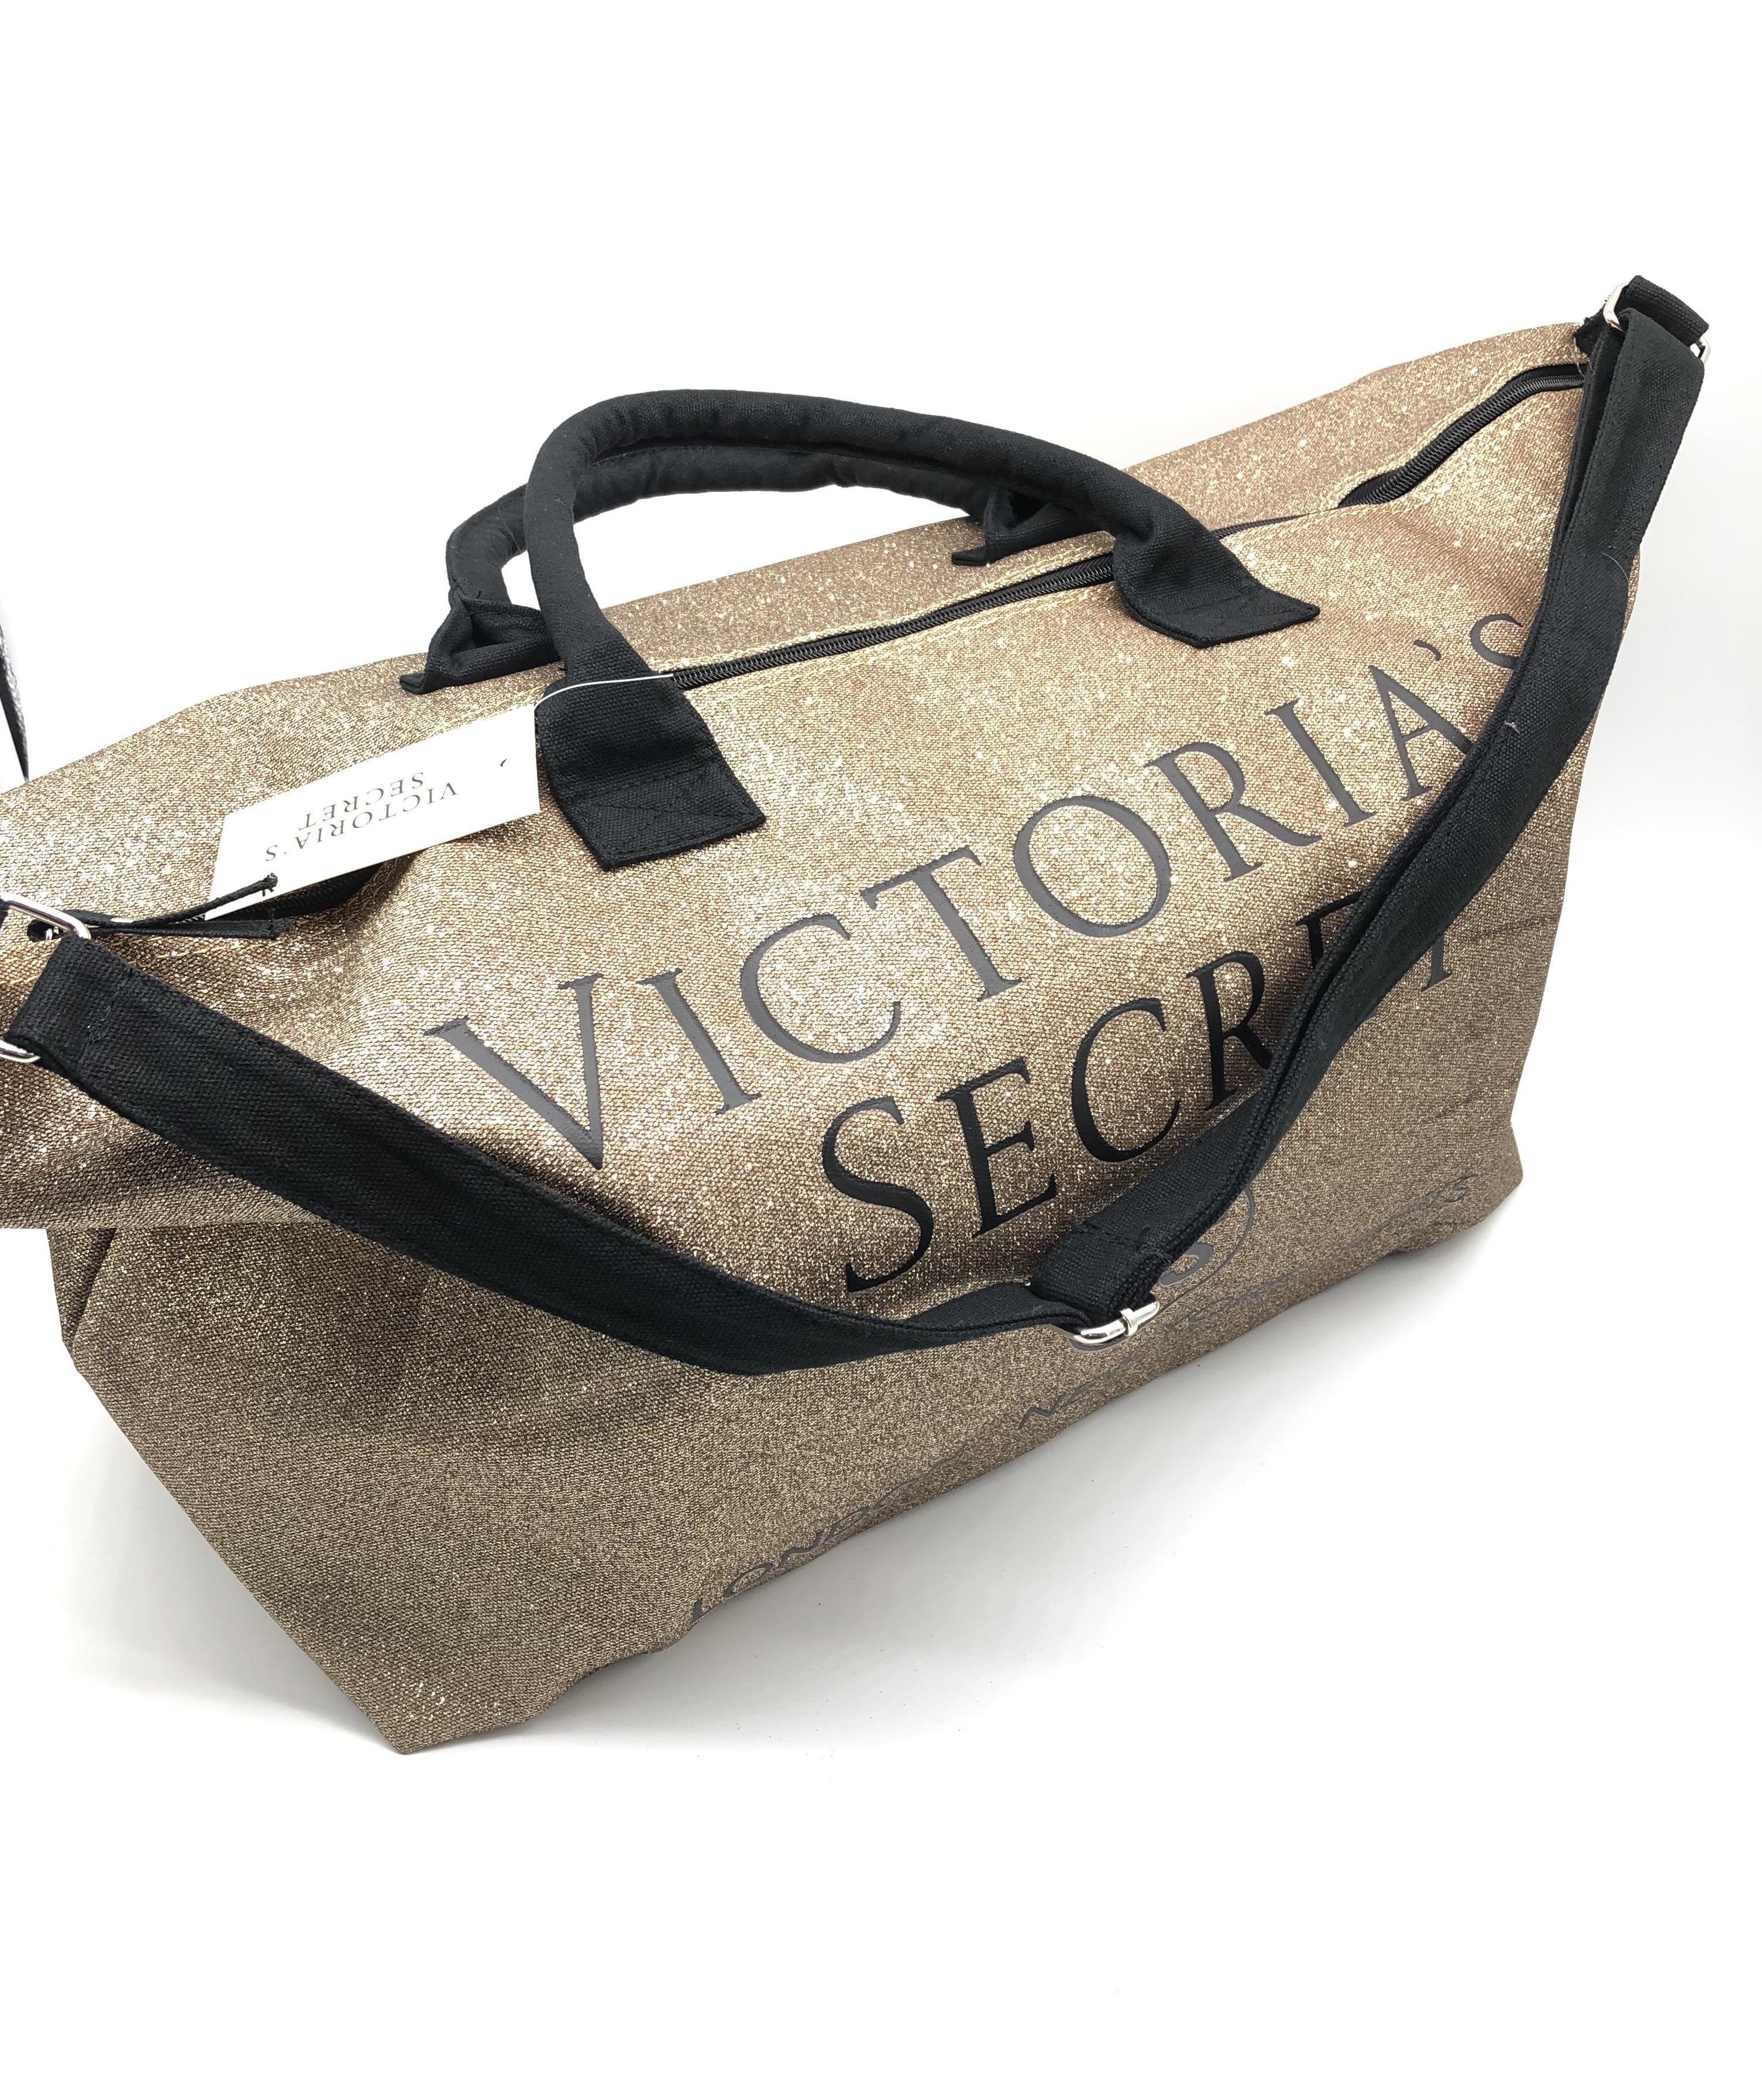 Дорожная сумка Victoria's Secret-0